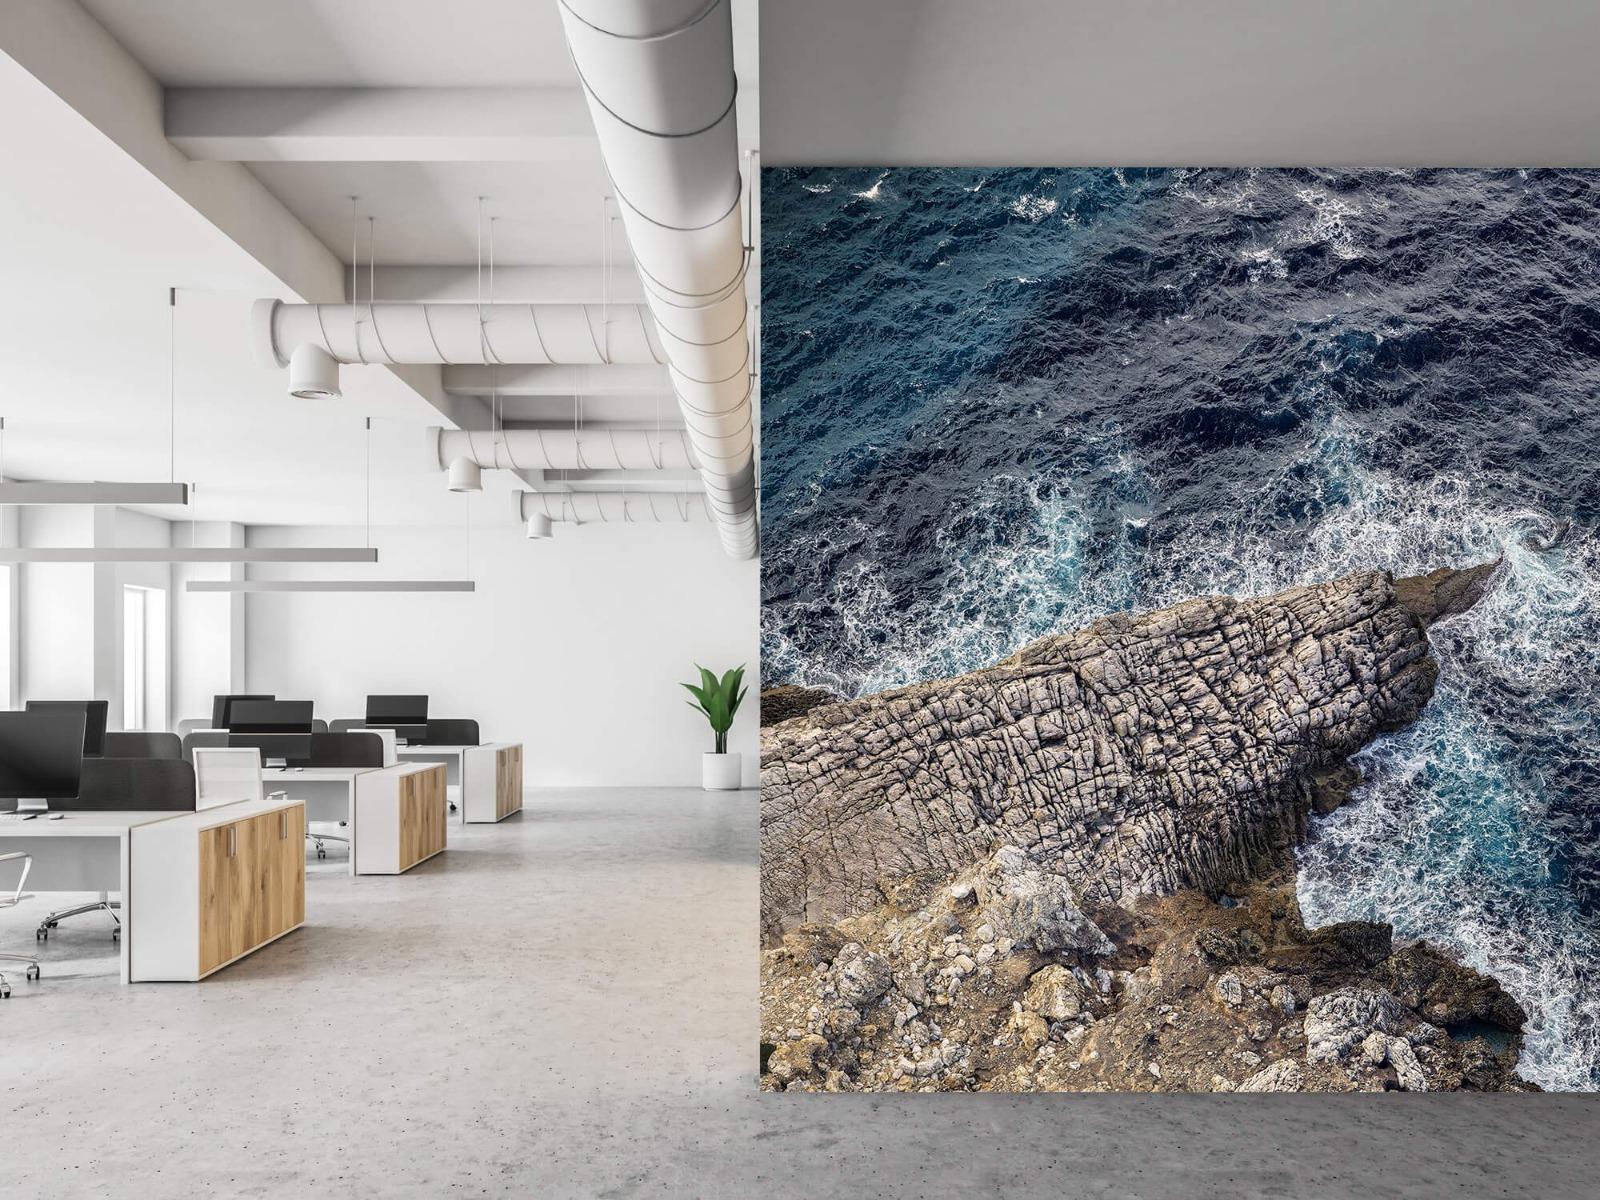 Zeeën en Oceanen - Rotspunt aan de kust - Slaapkamer 21